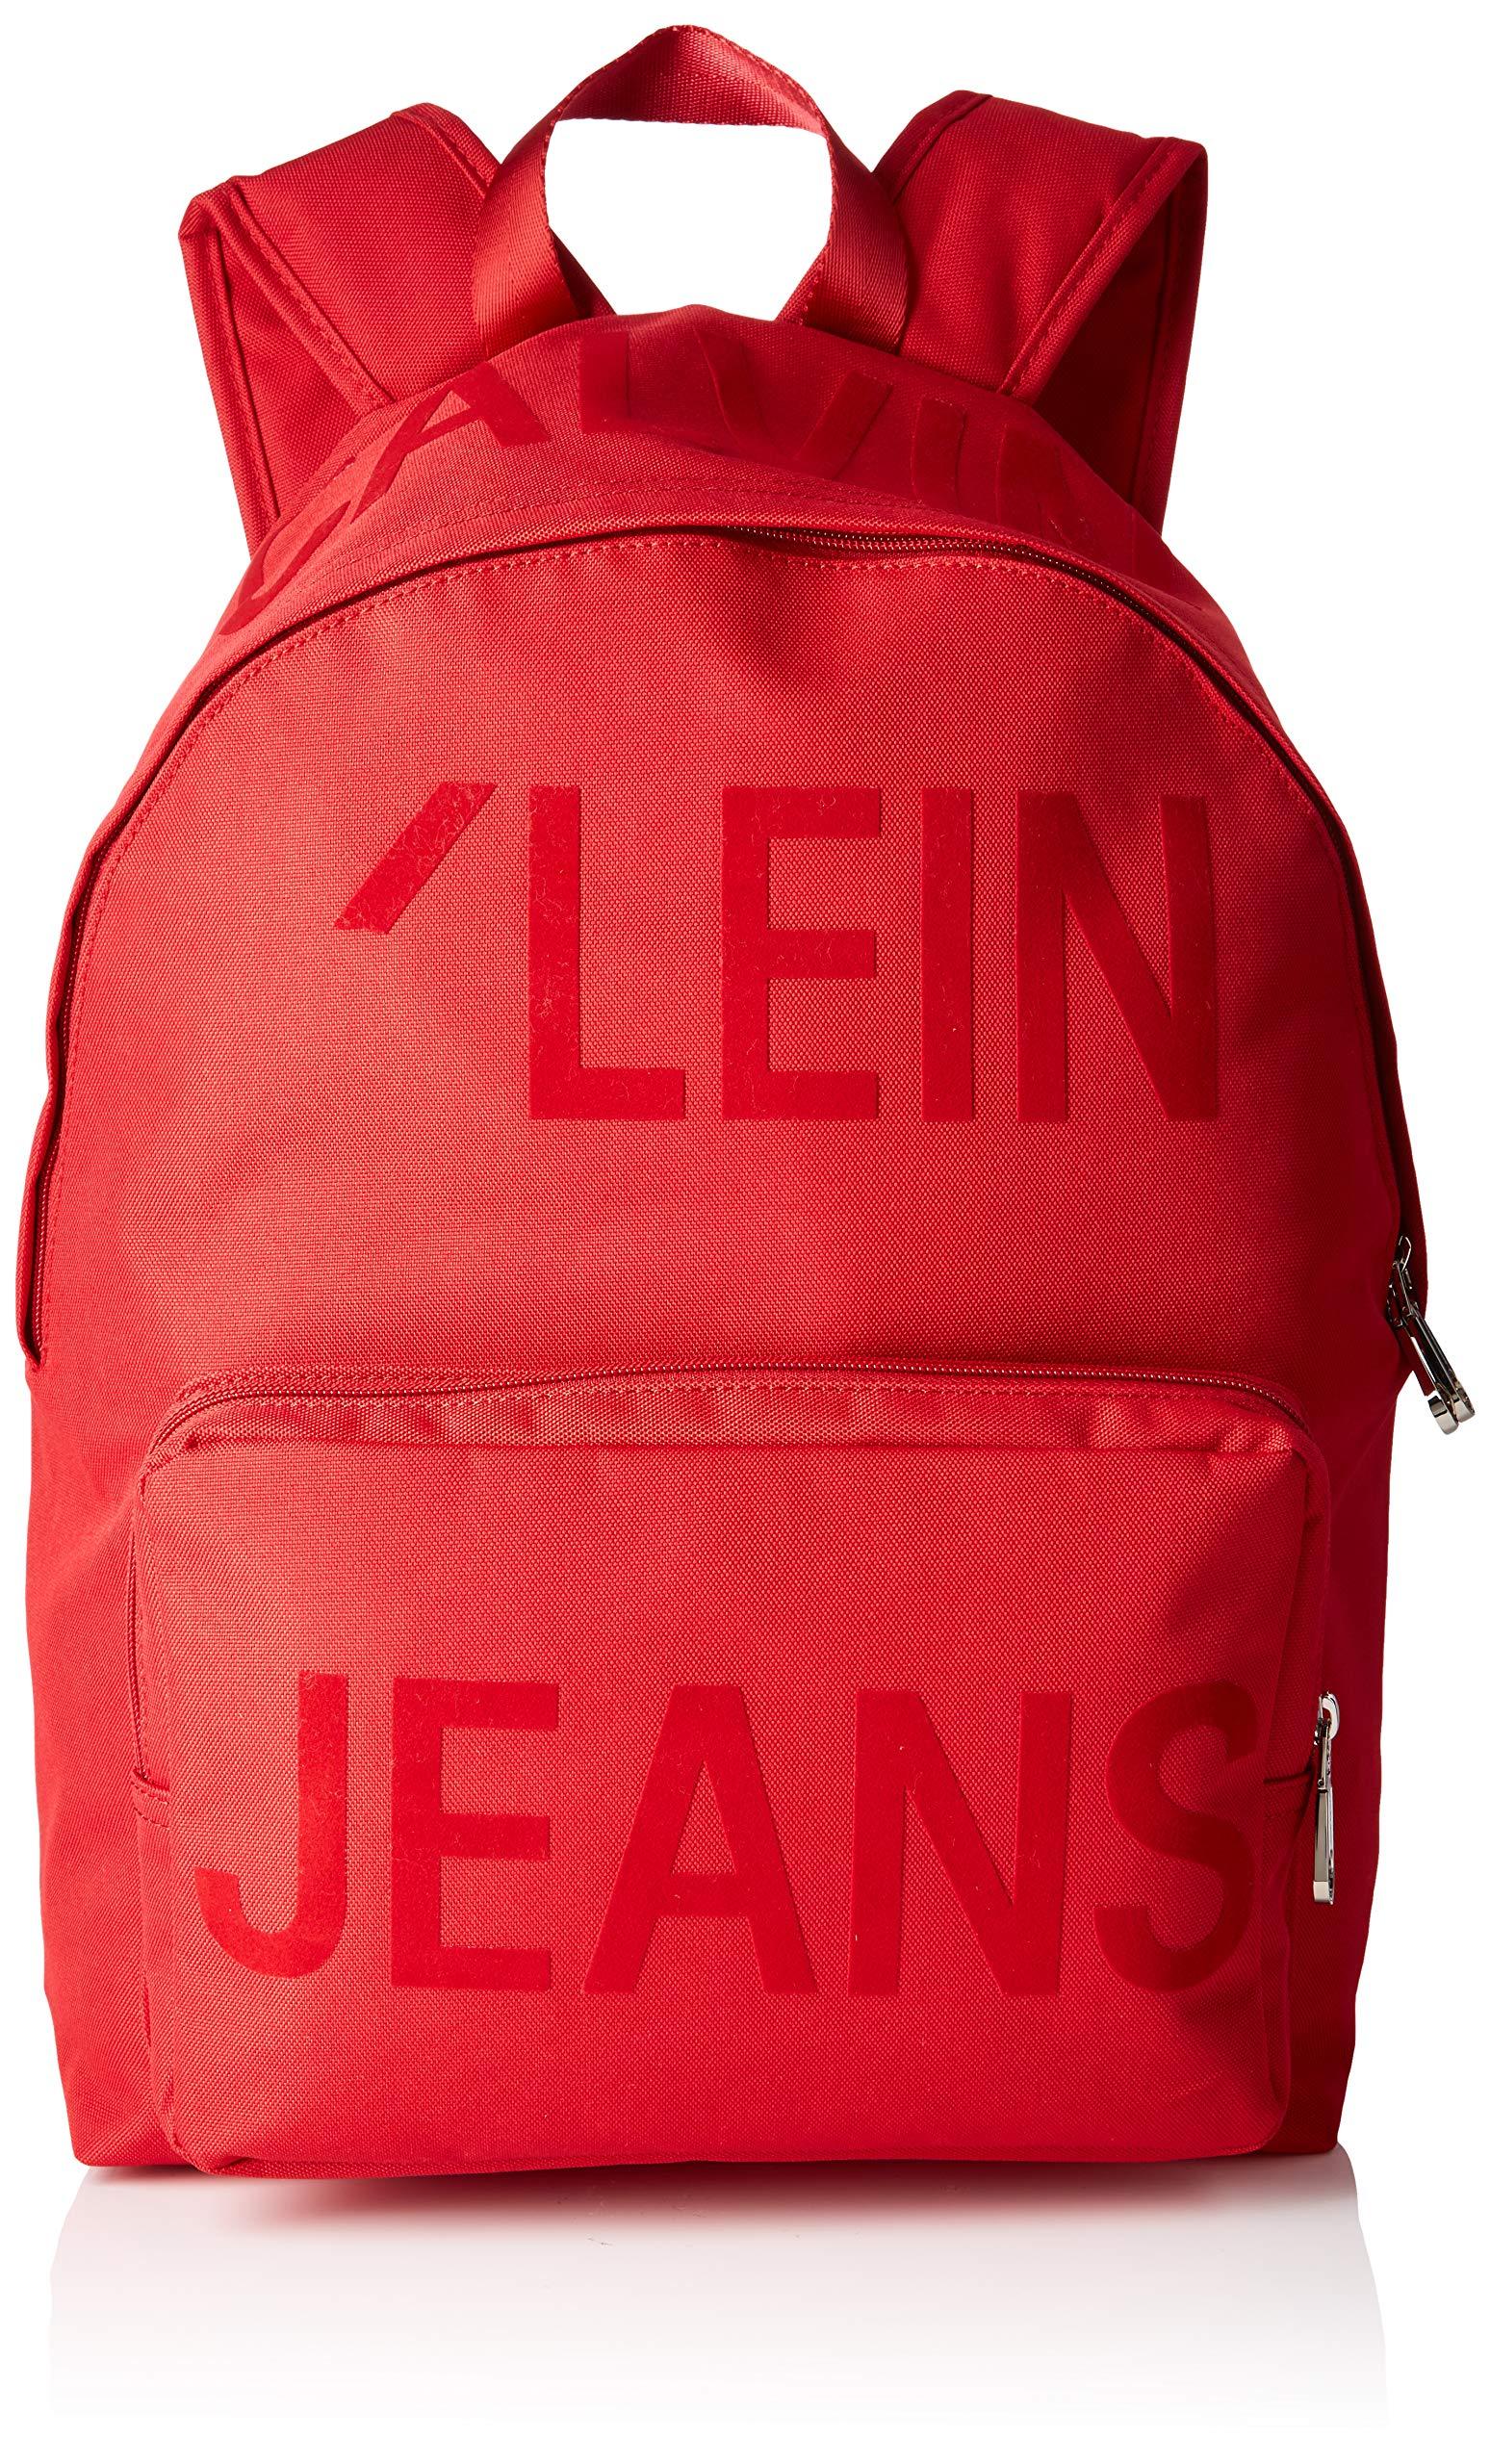 Calvin Bp 45Sacs Cmw Essential Portés Klein HommeRougeracing X L H Campus Épaule Red1x1x1 Sp rdxCshtQ